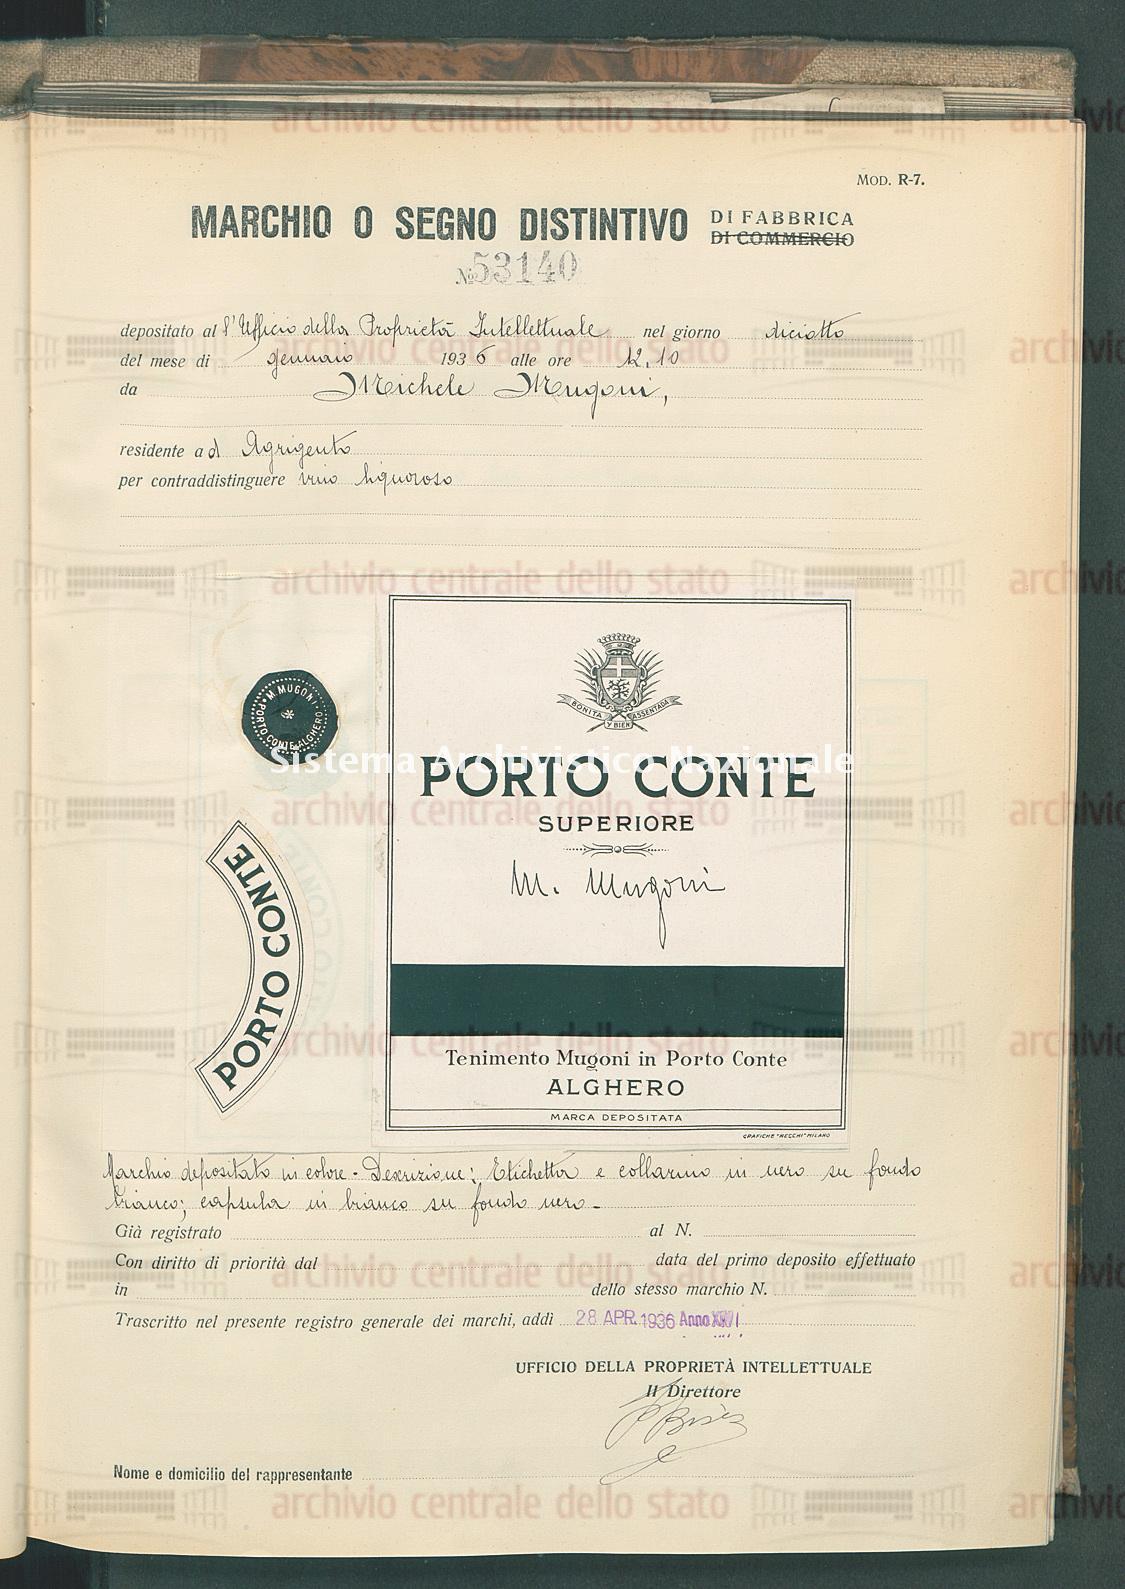 Vino liquoroso Michele Mugoni (28/04/1936)